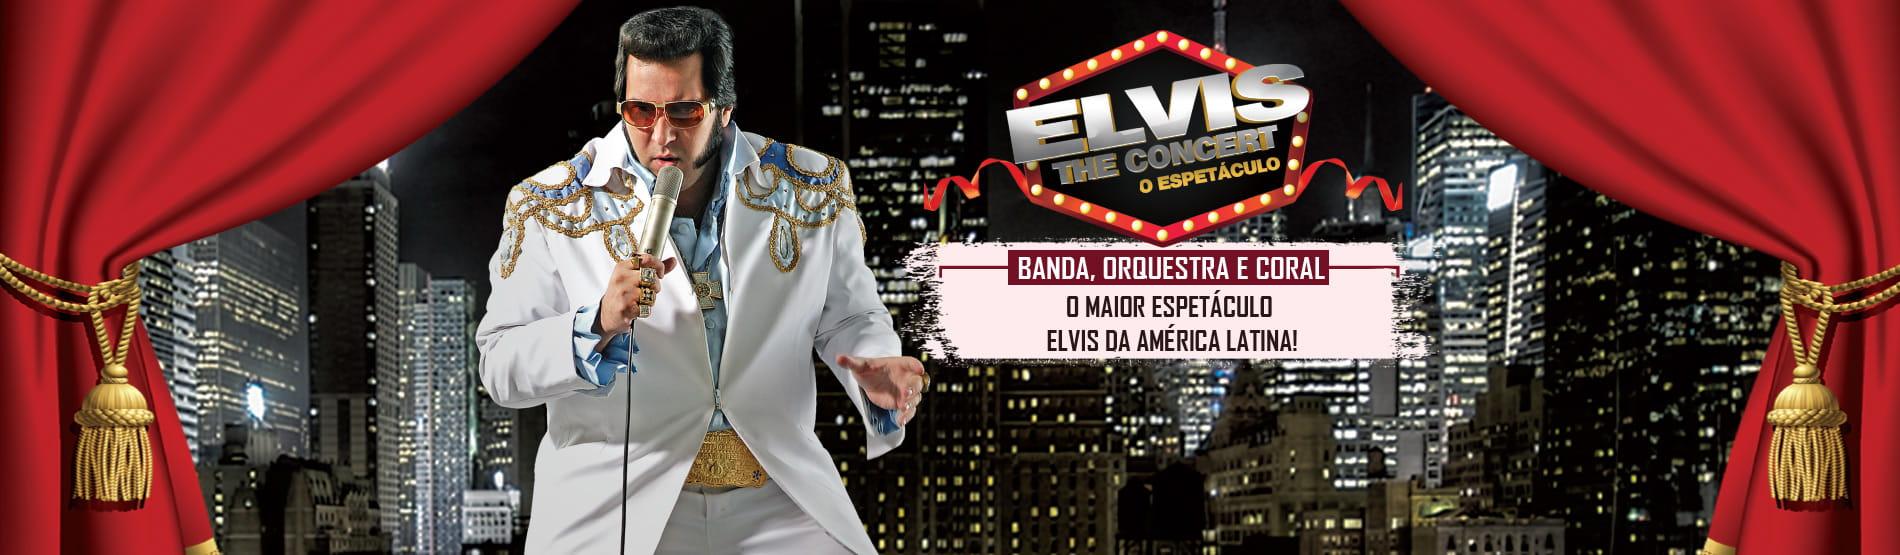 Elvis The Concert! Tributo ao Rei chega a São Paulo em 30 de Setembro